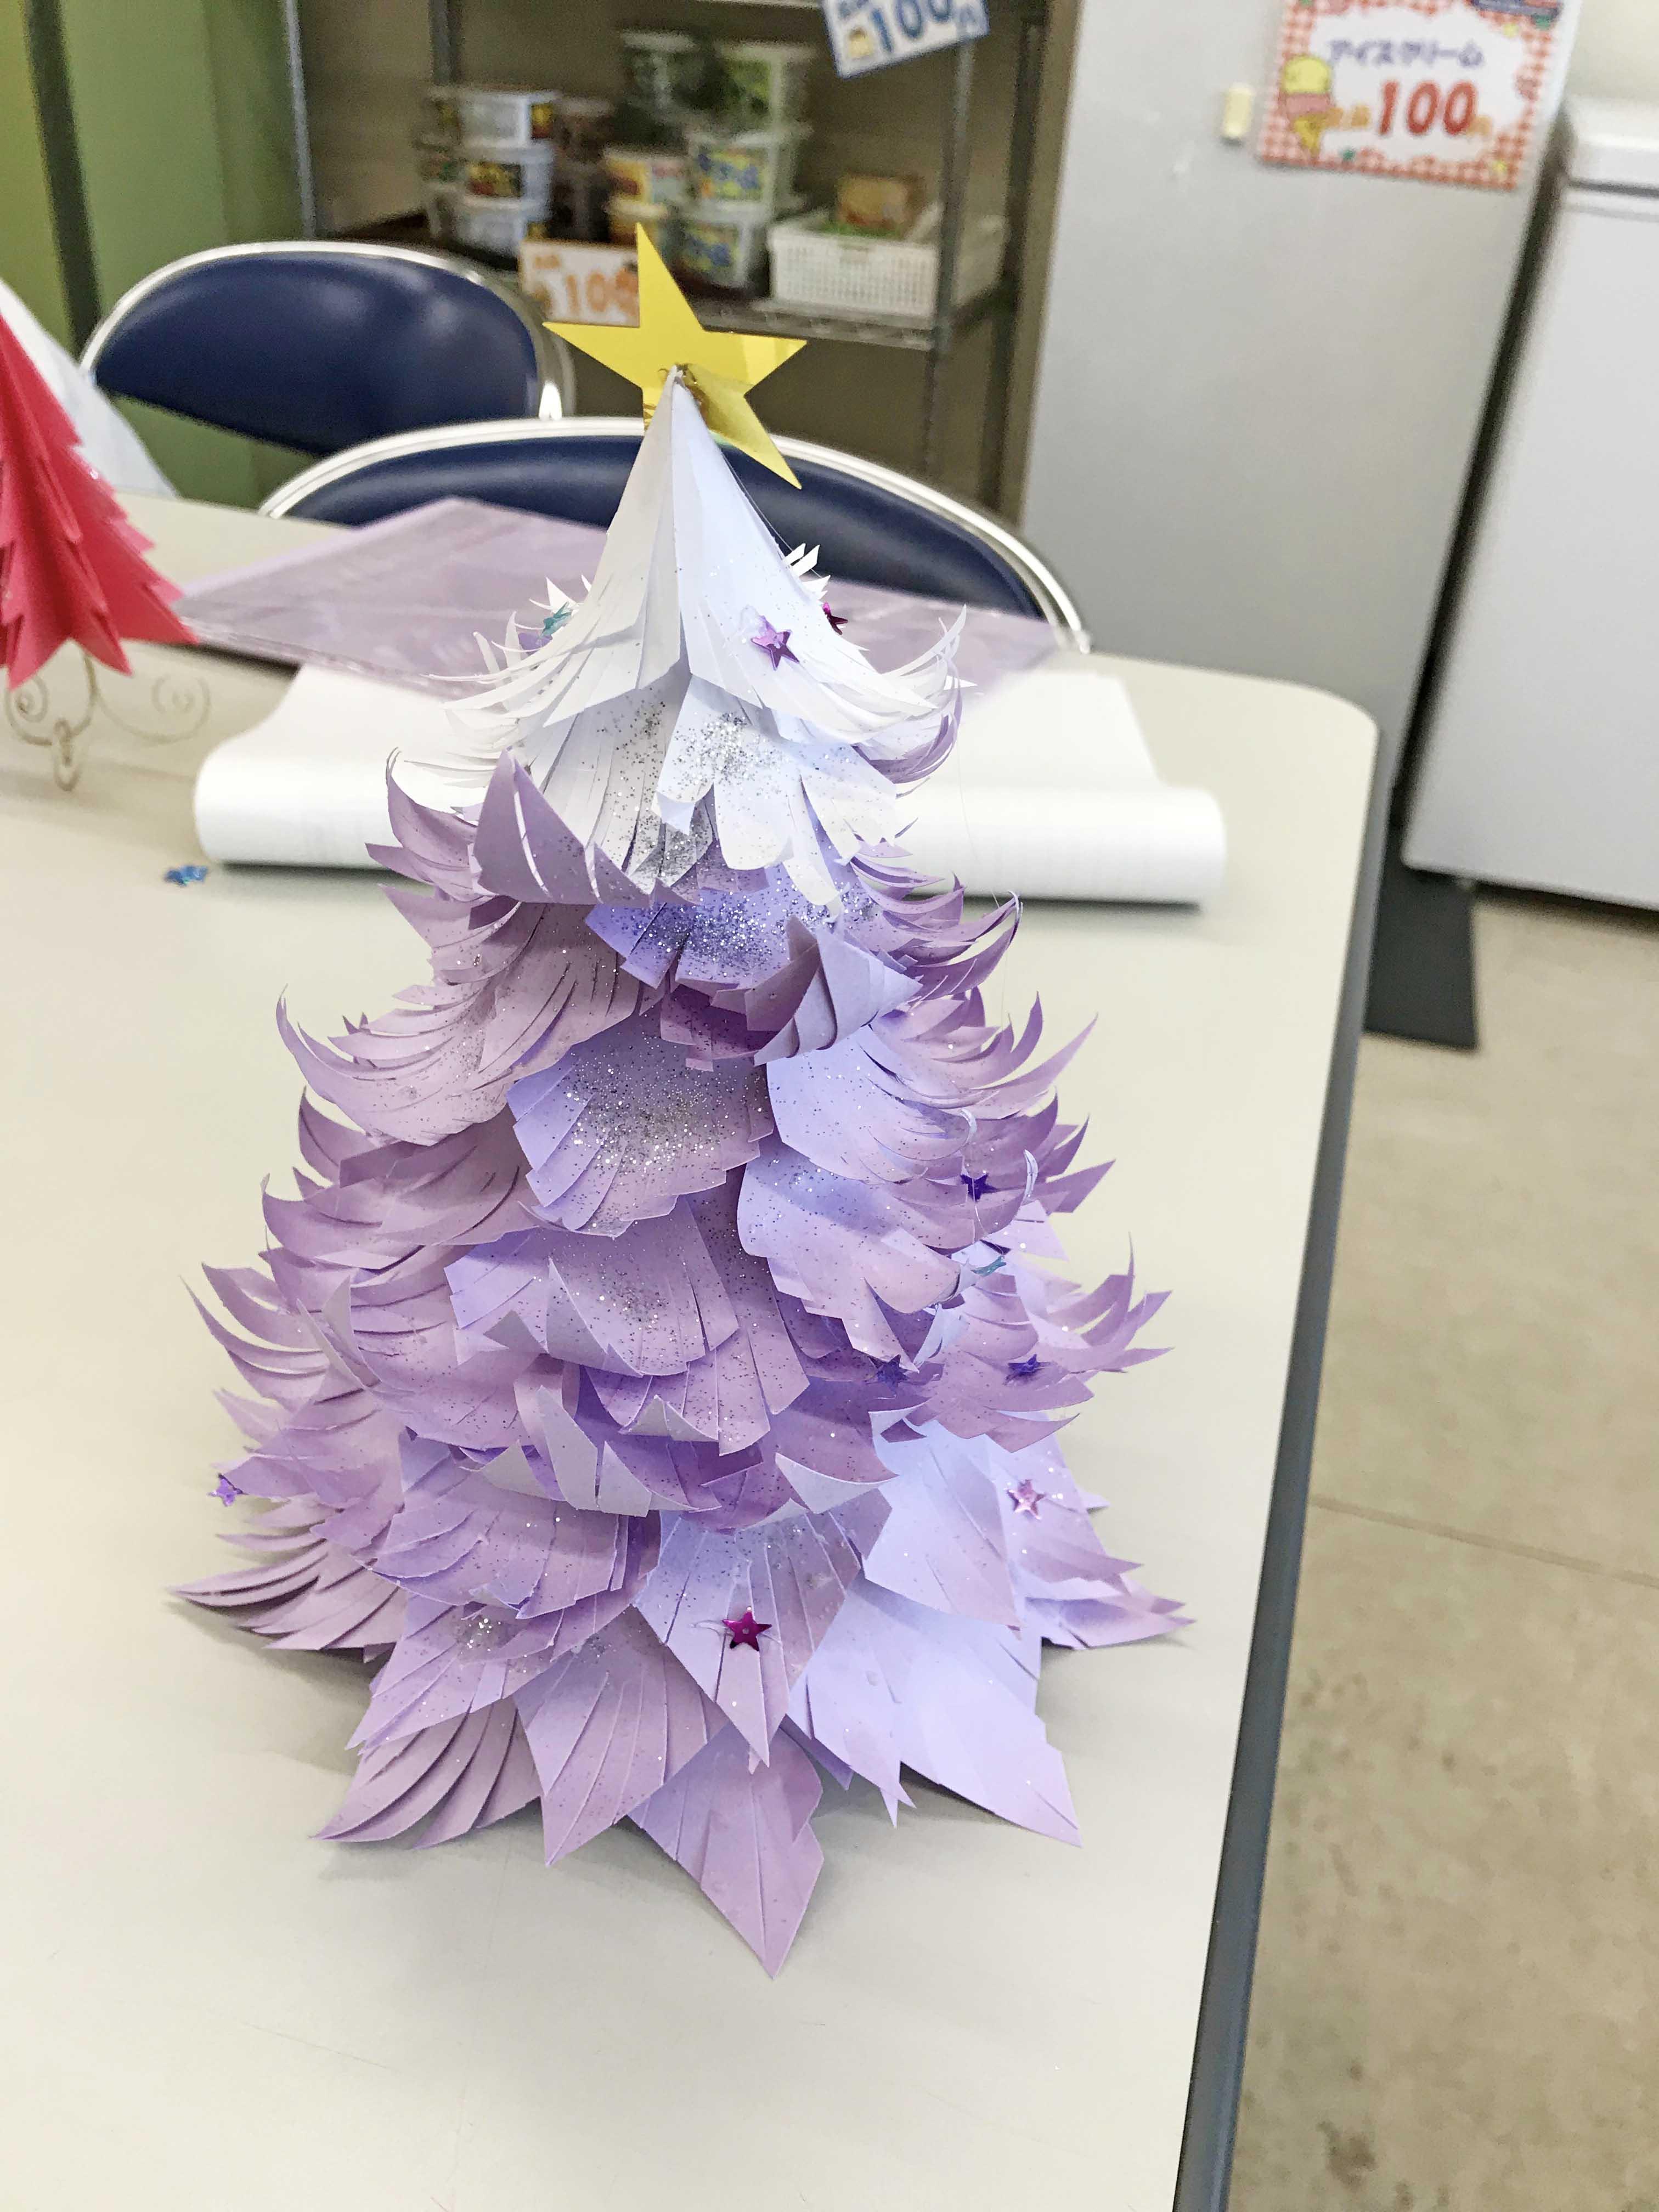 紫の紙片、上部だけ白のクリスマスツリー、頂点には星形の飾り付けが